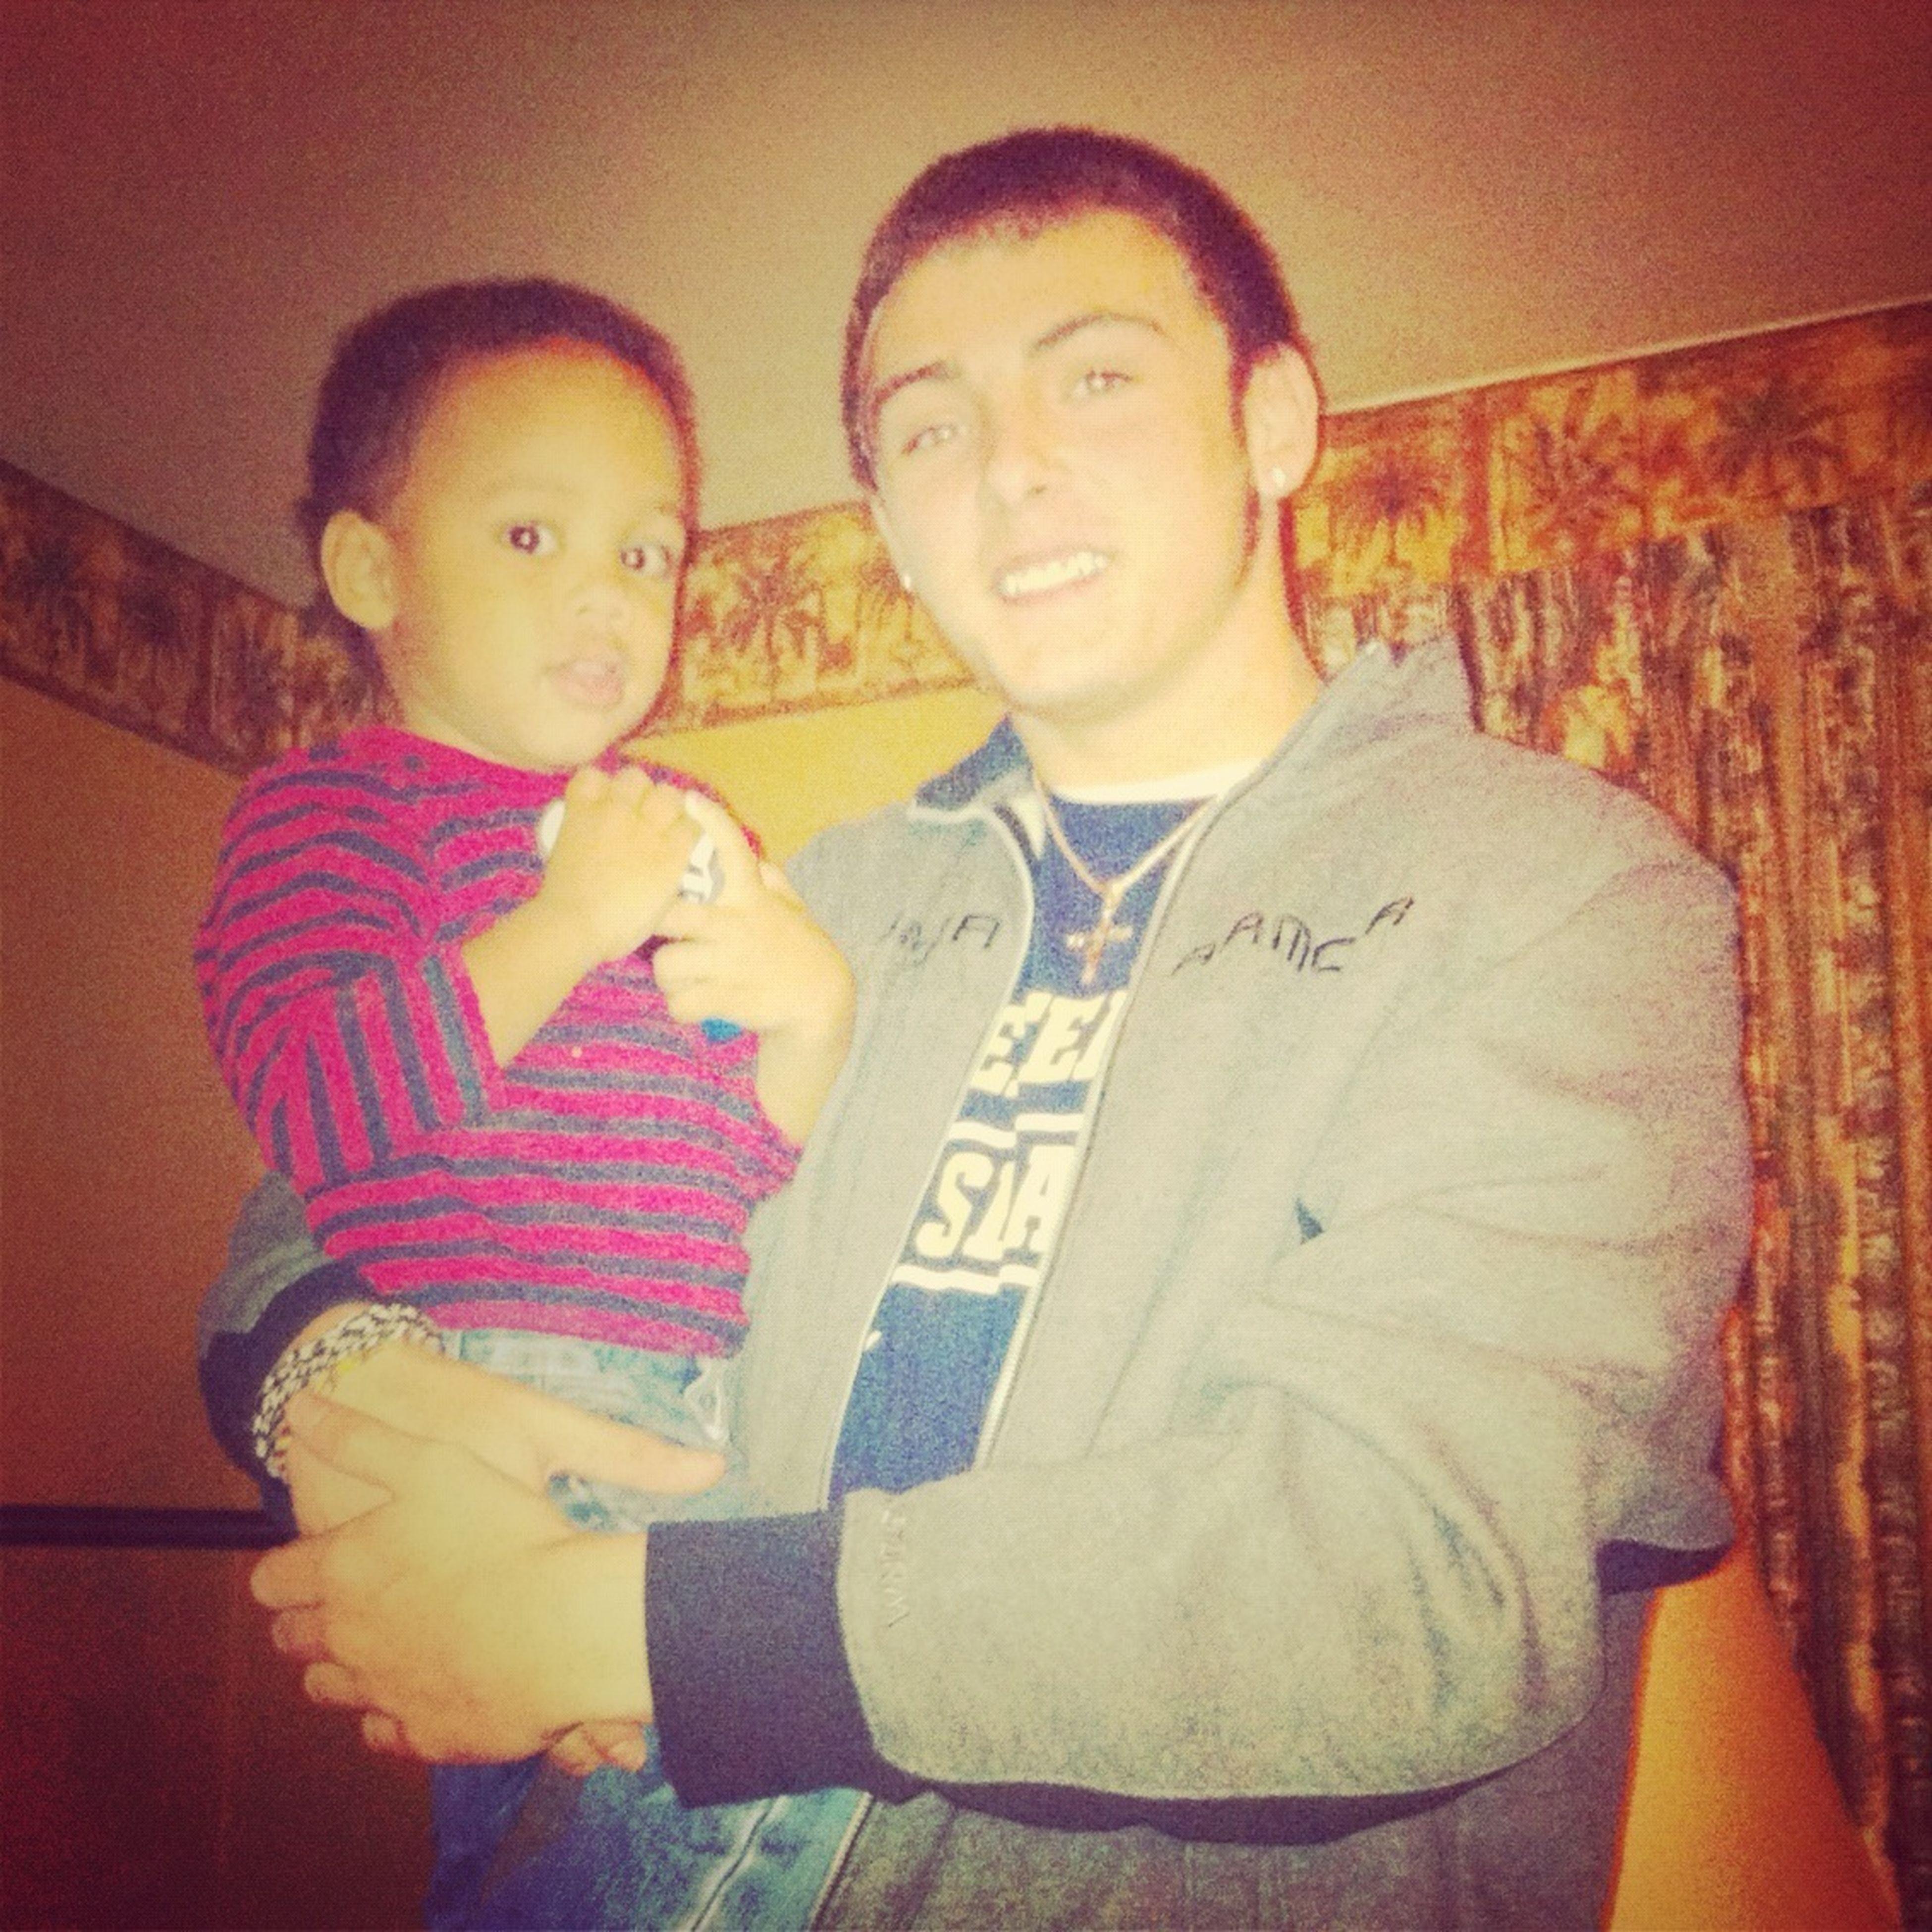 The Nephew.